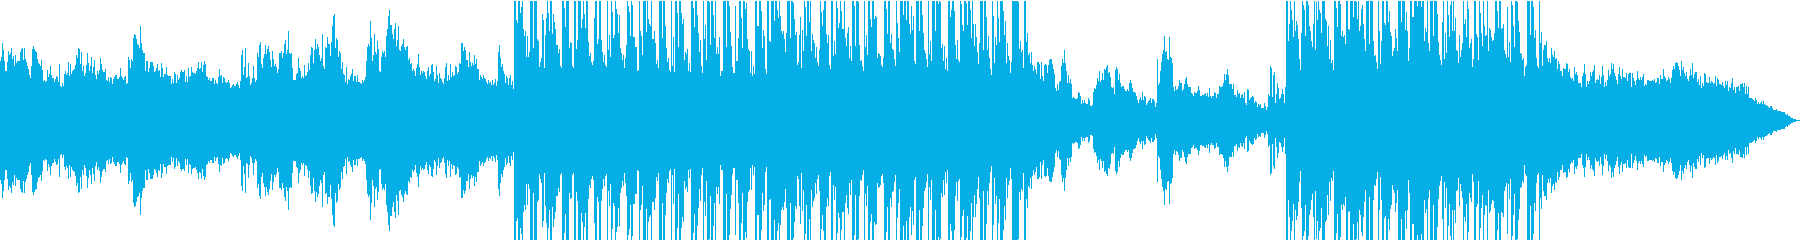 神秘的でアンビエントなエスニックサウンドの再生済みの波形